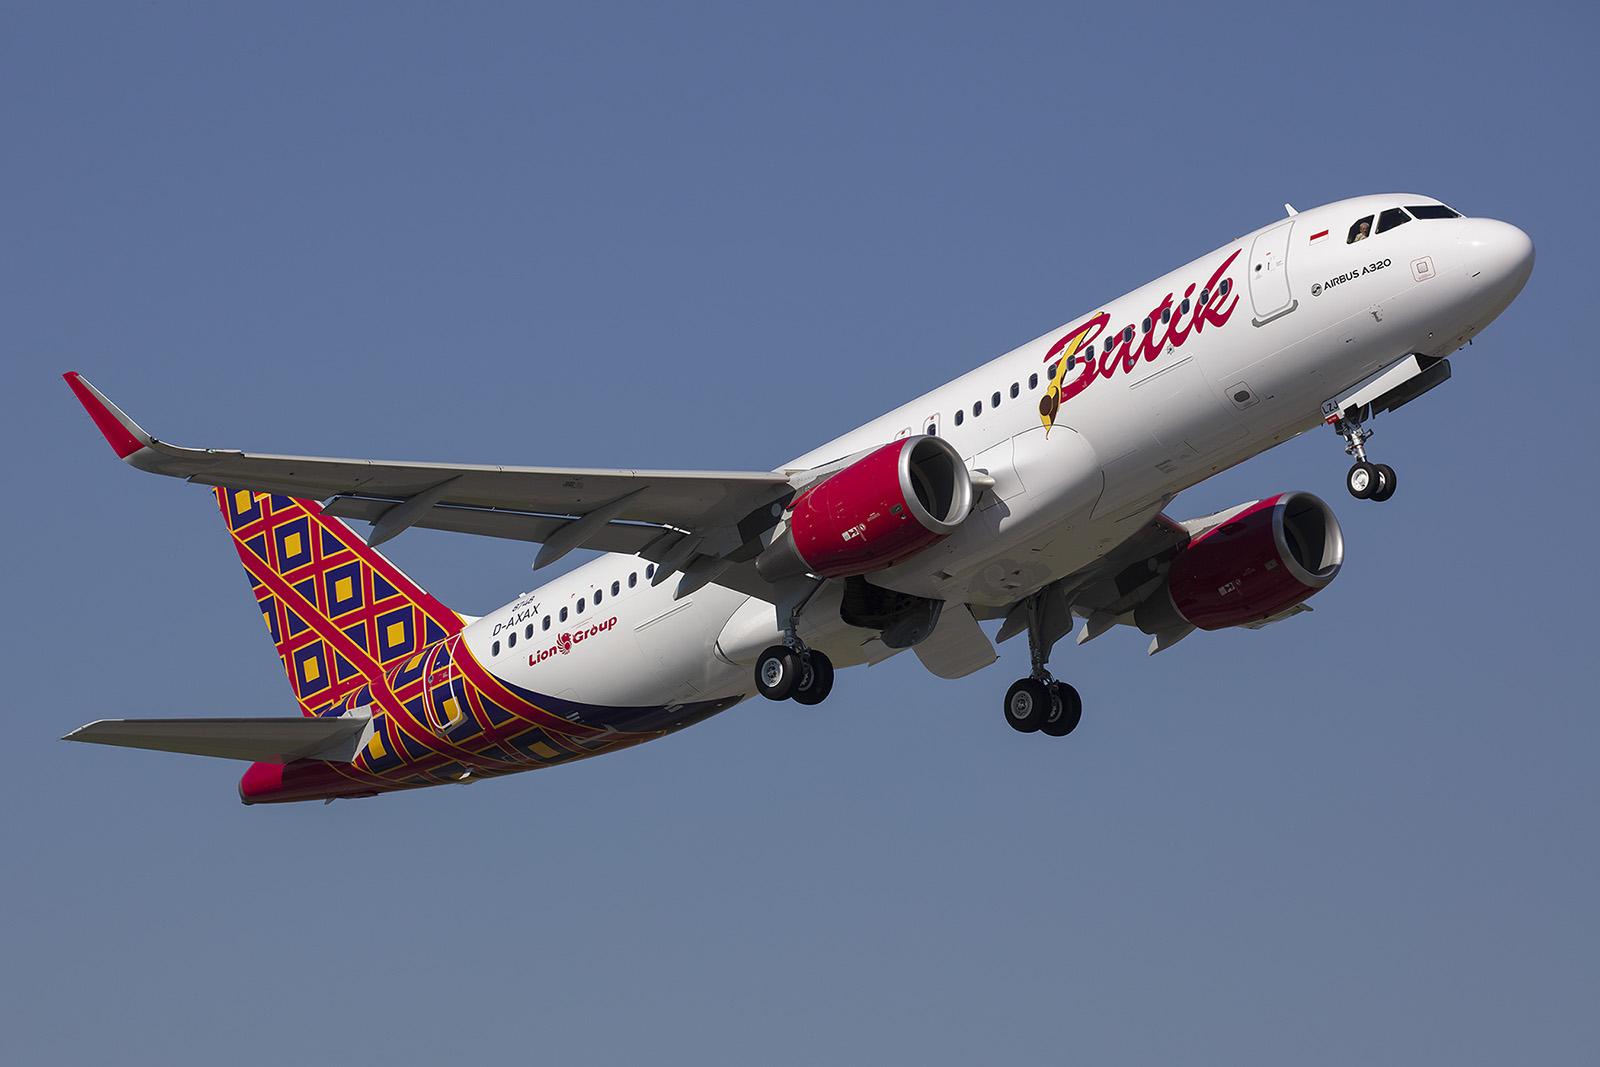 Batik Air gehört zur Lion Group in Südostasien. Dieser A 320 wird später in Indonesien beheimatet sein.